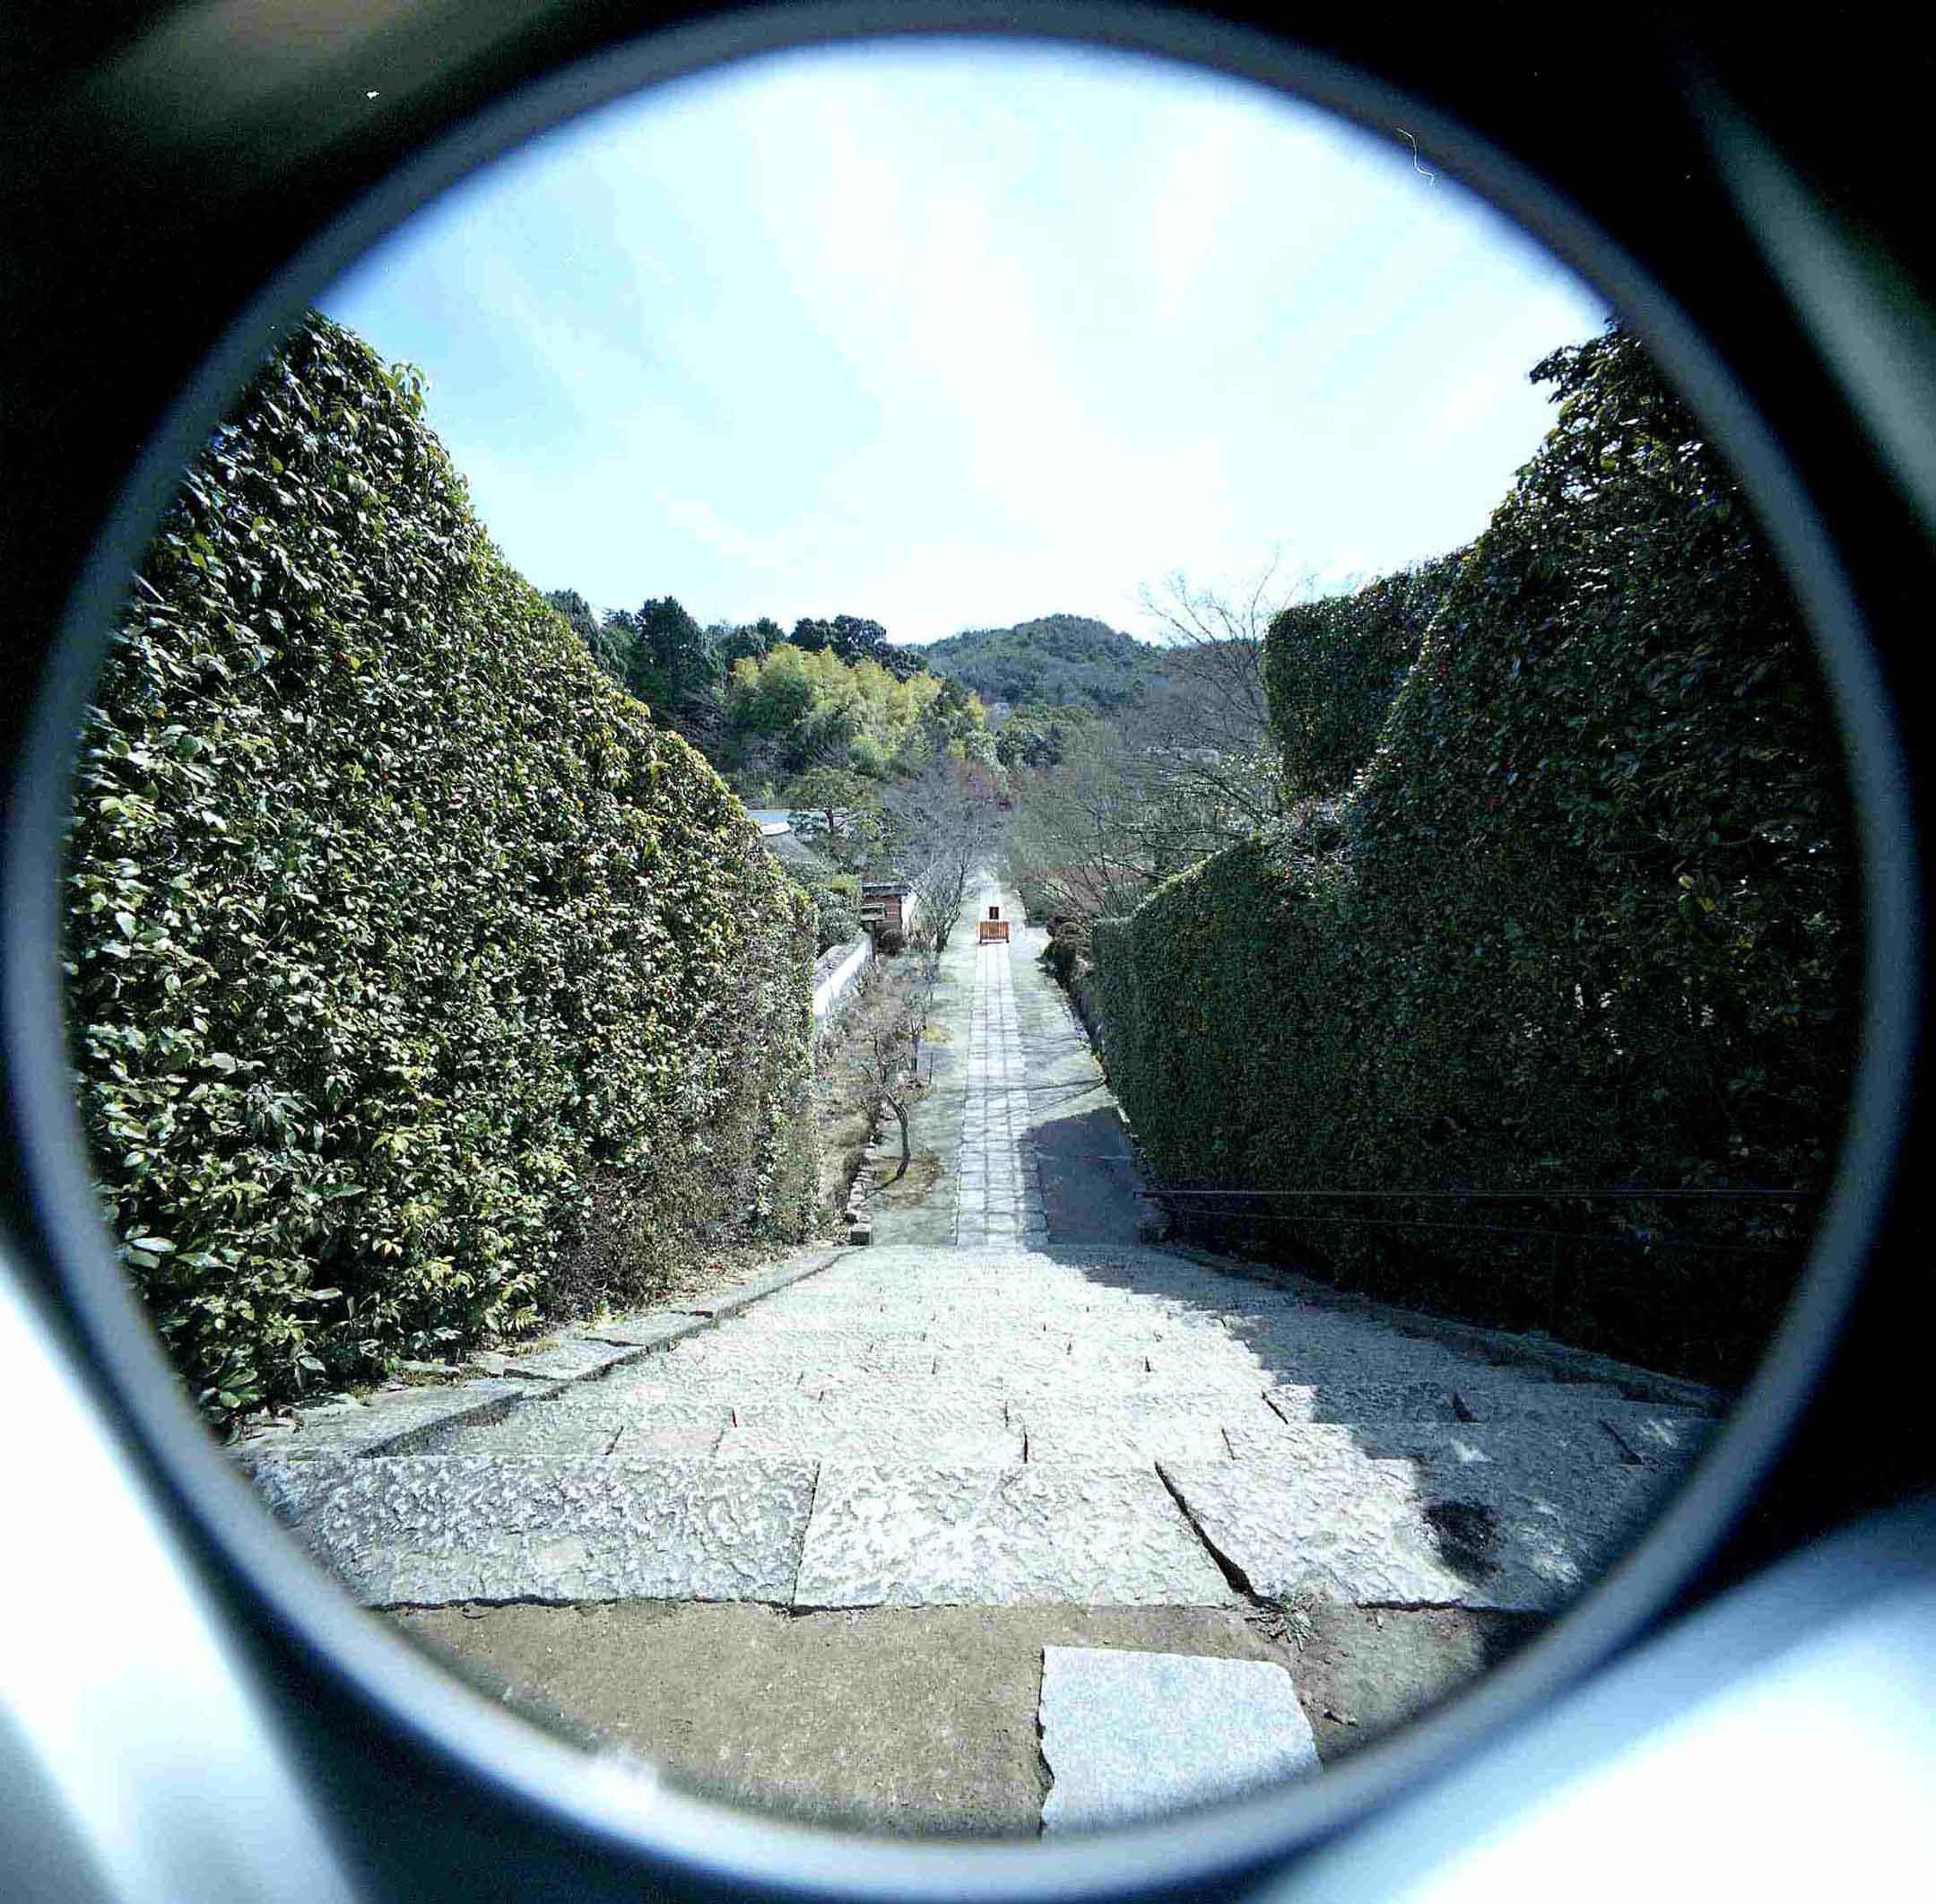 魚眼琢磨銀鏡円形写野暗箱_d0138130_16162250.jpg